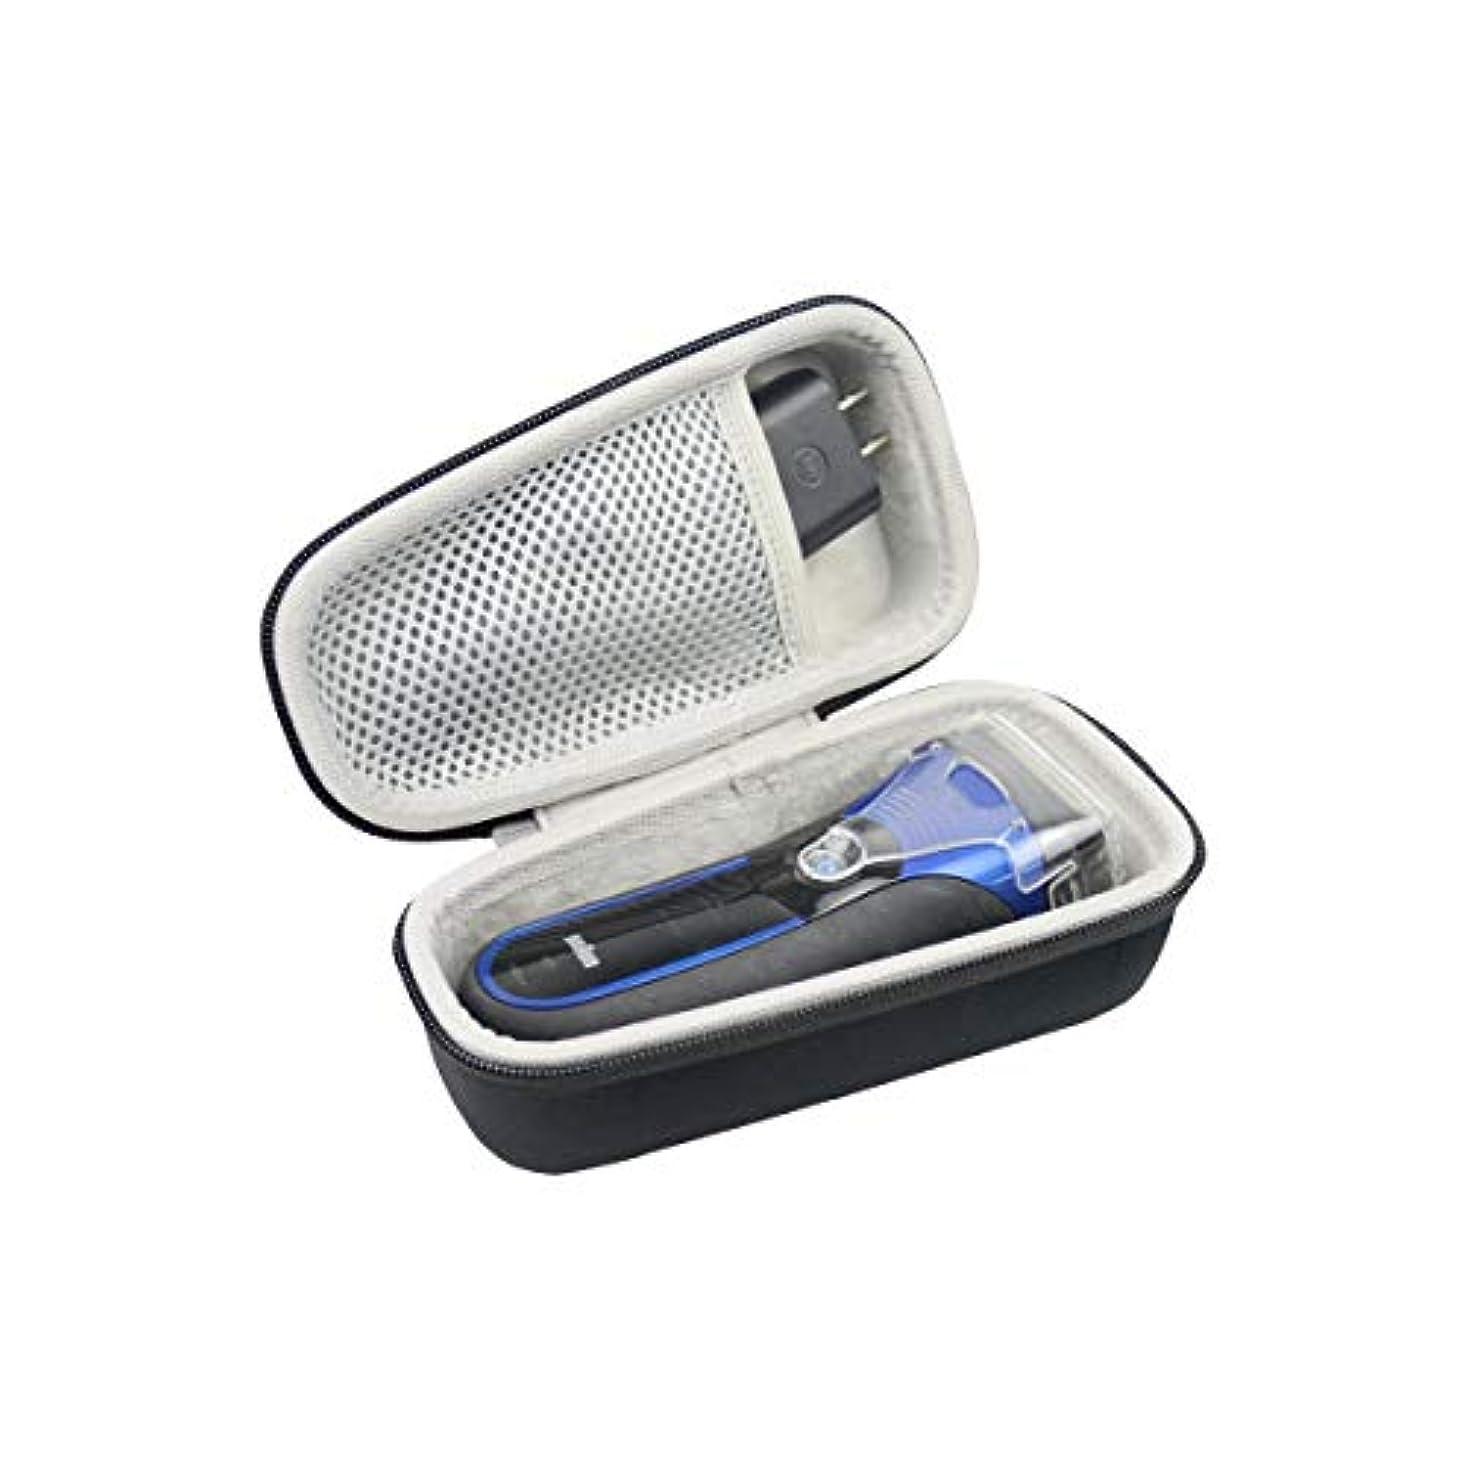 有害な適用済み眼キャリングトラベル収納エヴァハードケースfor Braunシリーズ3 310s 3010S 310S 3040s 3020S - B ウェット&ドライ電気シェーバー by LUYIBA